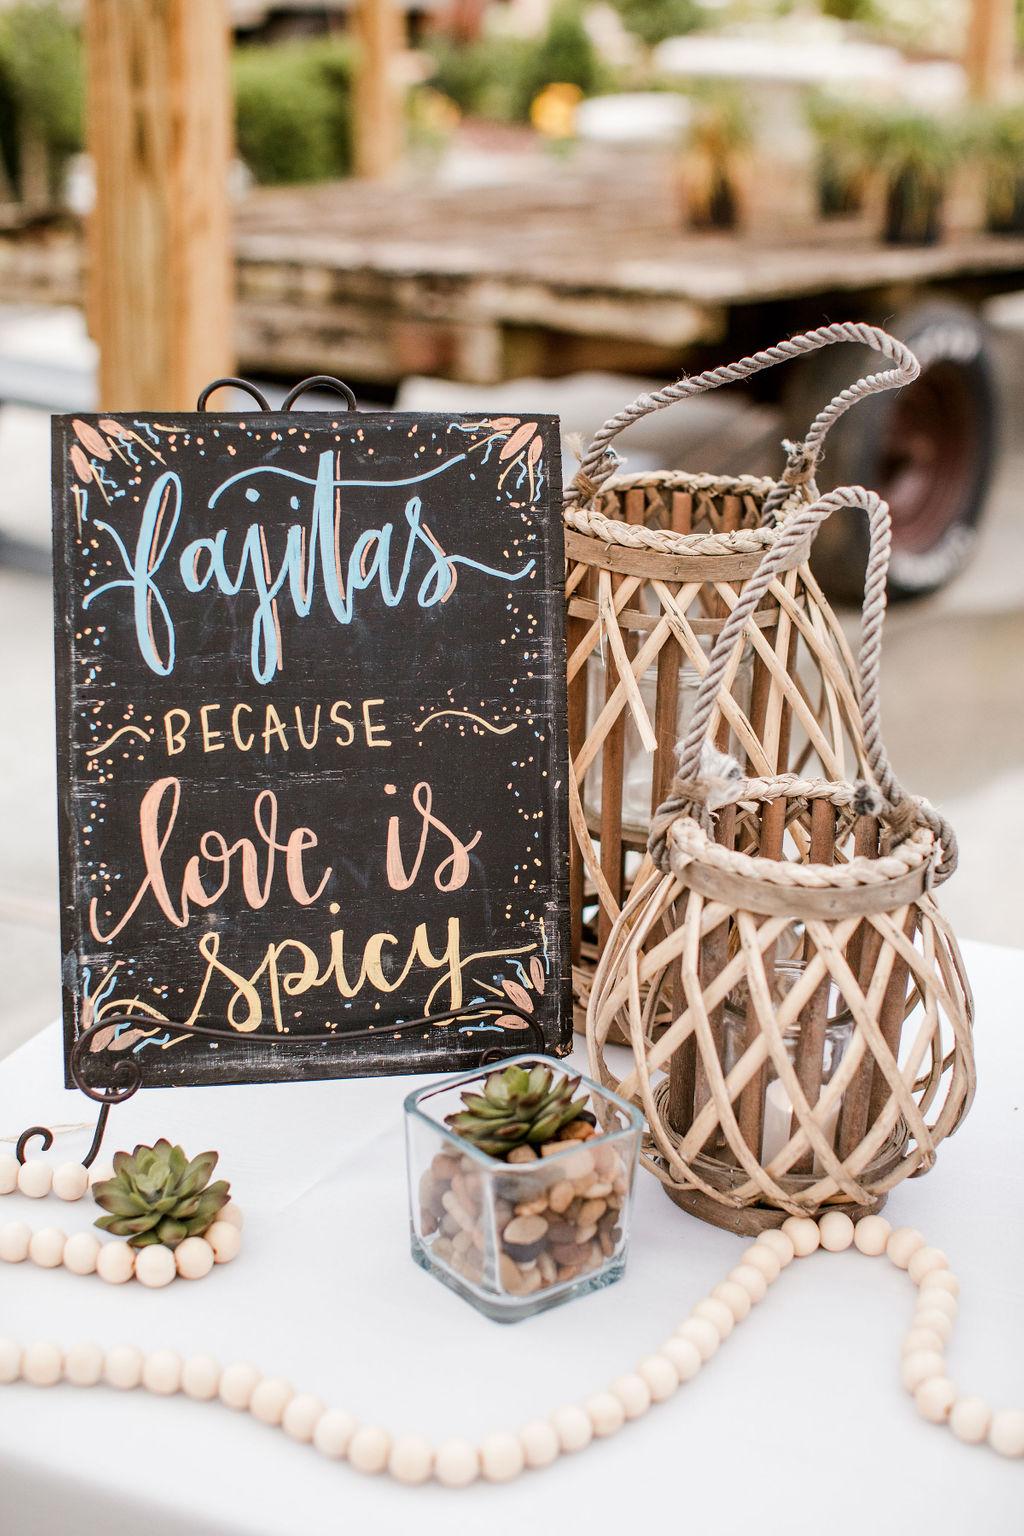 Wedding food ideas | Nashville Bride Guide